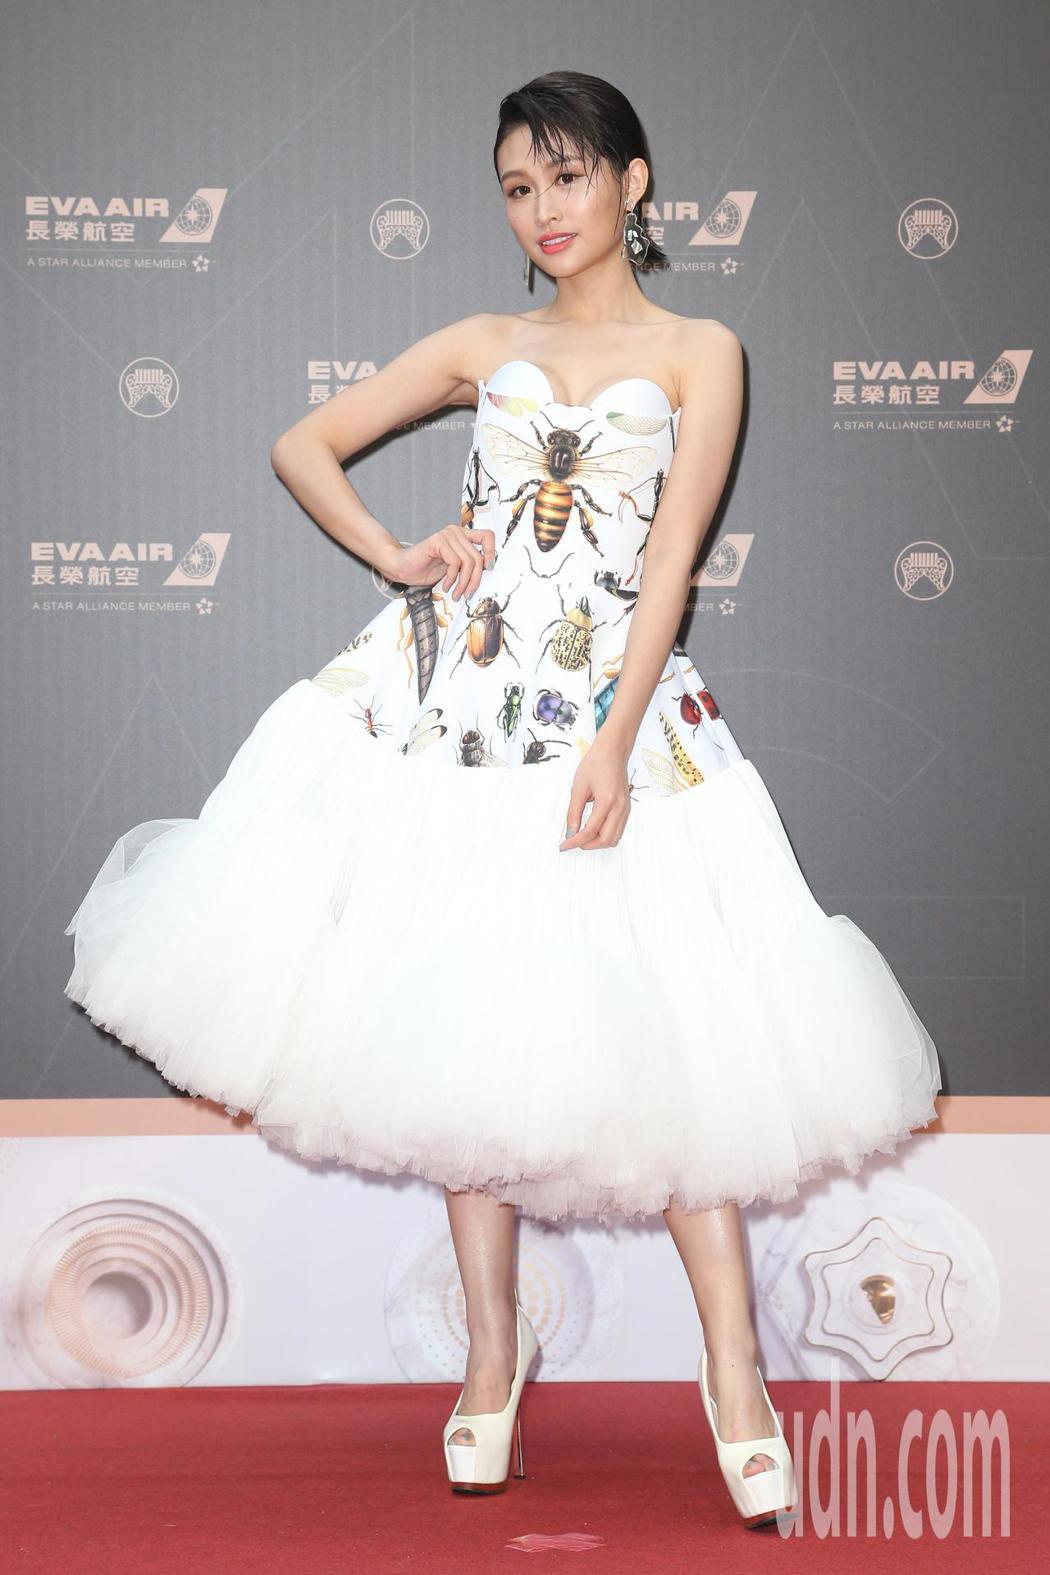 第30屆金曲獎,歌手黃明志入圍最佳音樂錄影帶獎,黃若熙代表出席典禮。記者陳立凱/...